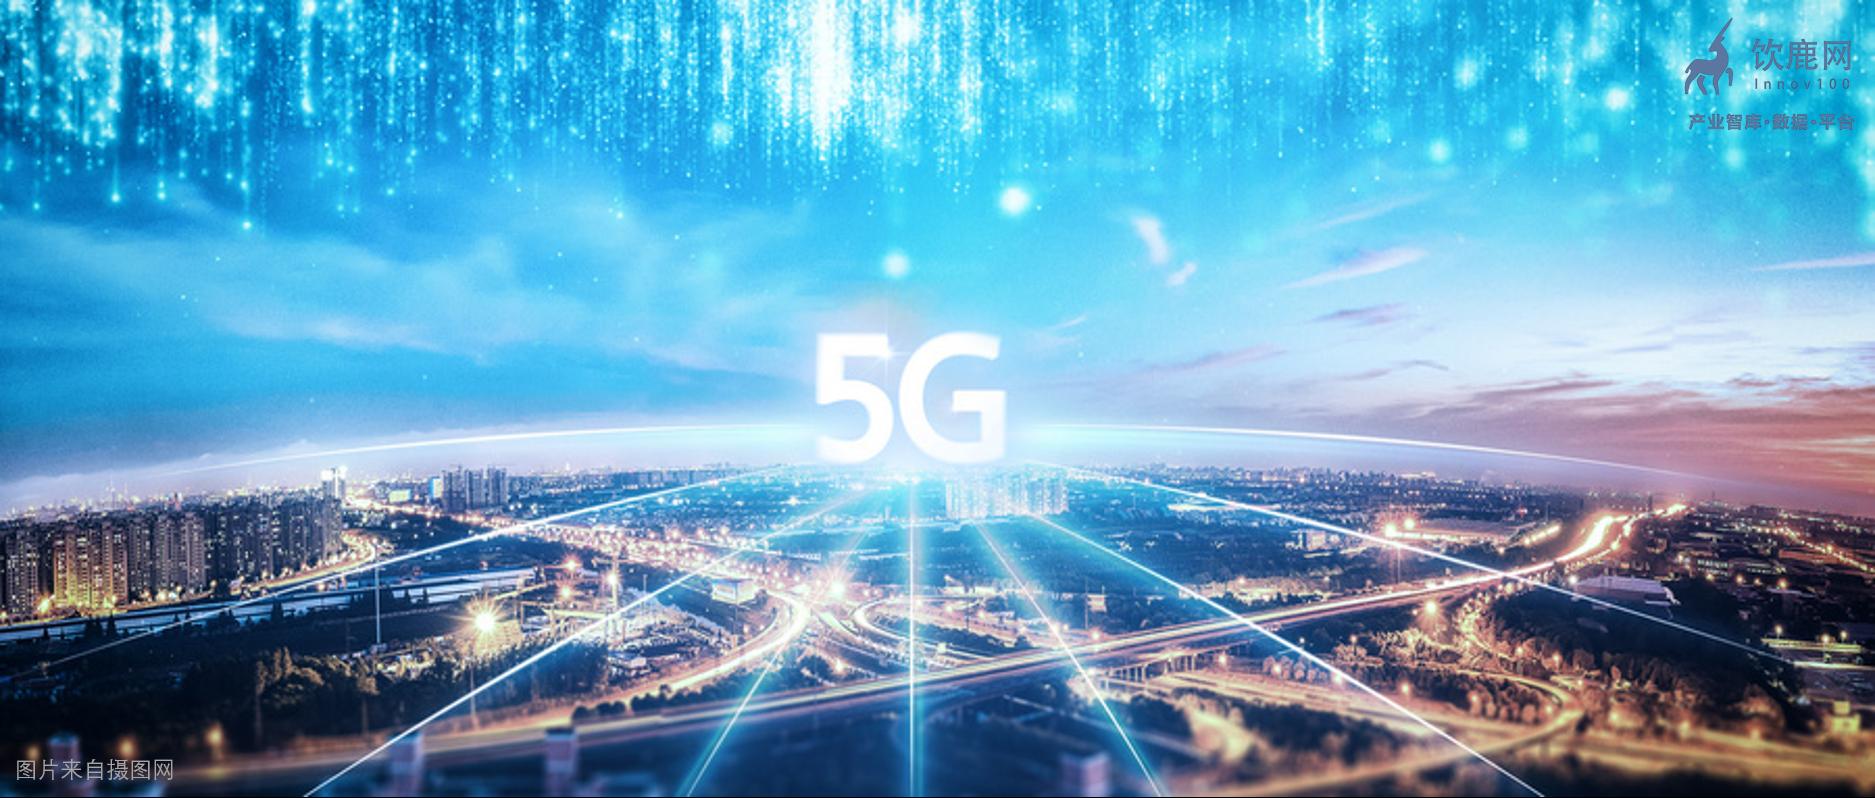 赛智时代:2021年我国四大运营商5G发展策略研究